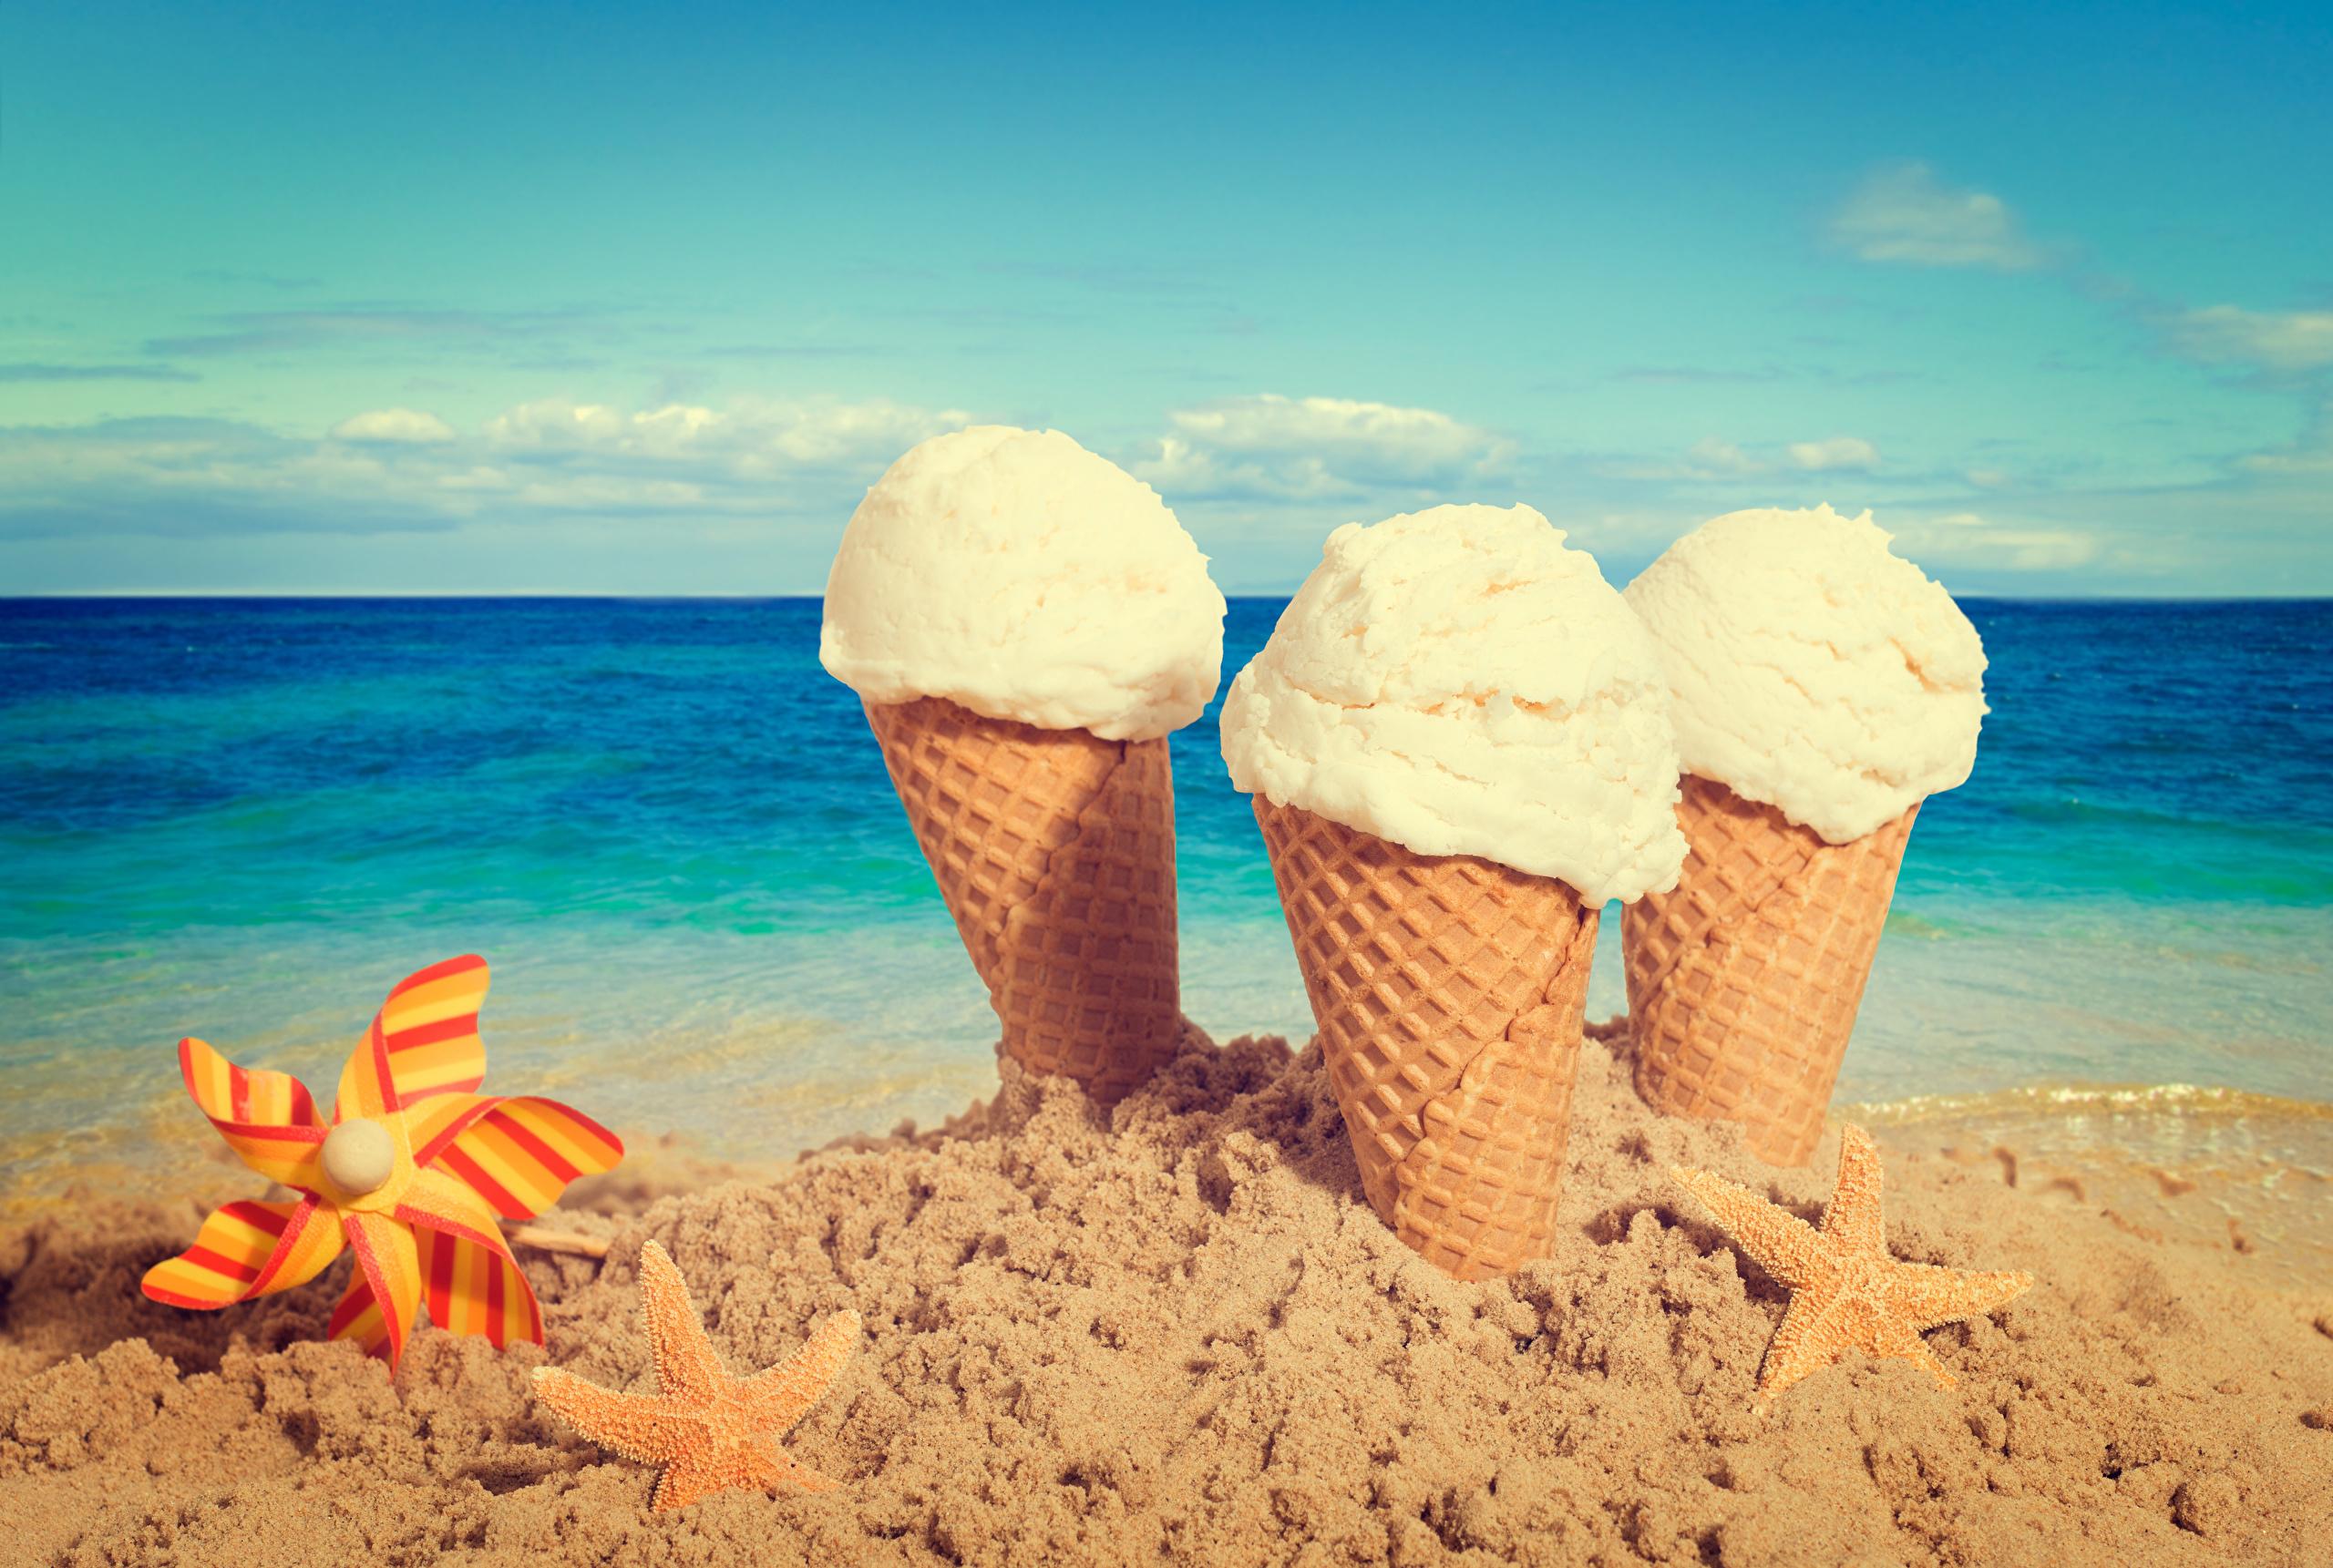 Фото моря и пляжа 13 фотография